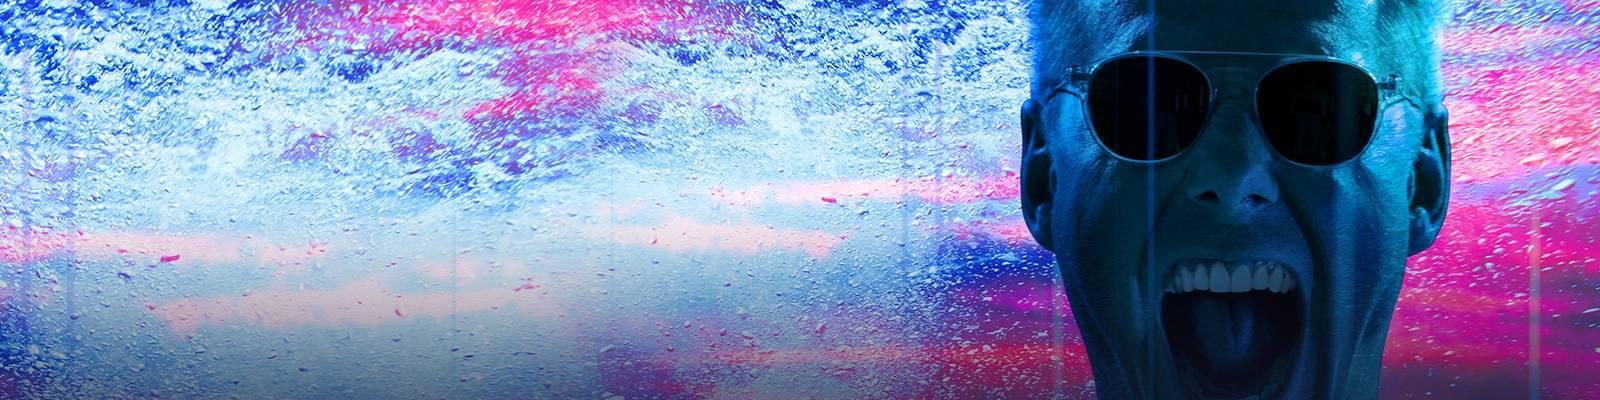 Armin van Buuren drops new, Ibiza-flavored mix album: 'A State Of Trance, Ibiza 0017'